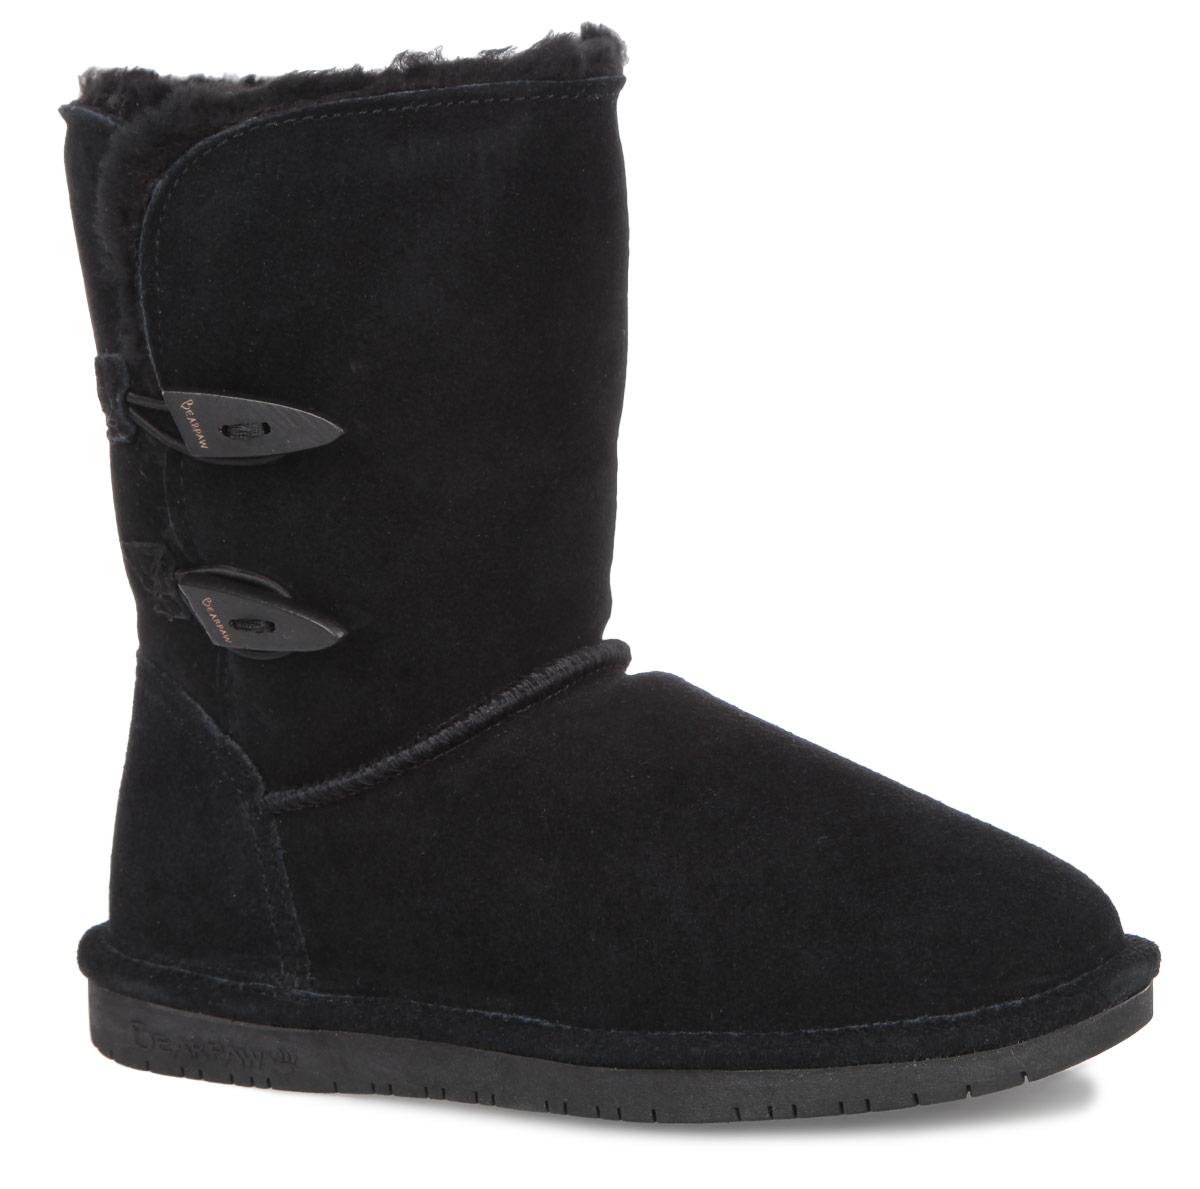 682WМодные угги Bearpaw Abigail не позволят вашим ногам замерзнуть. Обувь выполнена из натуральной замши и оформлена крупными декоративными швами, на заднике - текстильной нашивкой с названием и логотипом бренда. Изюминка модели - деревянные пуговицы, которые застегиваются на эластичные петельки. Подкладка и стелька, выполненные из натуральной овечьей шерсти, подарят вашим ногам комфорт и уют. Подошва с рифлением в виде фирменного рисунка обеспечивает отличное сцепление на скользкой поверхности. Стильные угги займут достойное место среди вашей коллекции обуви. В них вашим ногам будет комфортно и уютно.